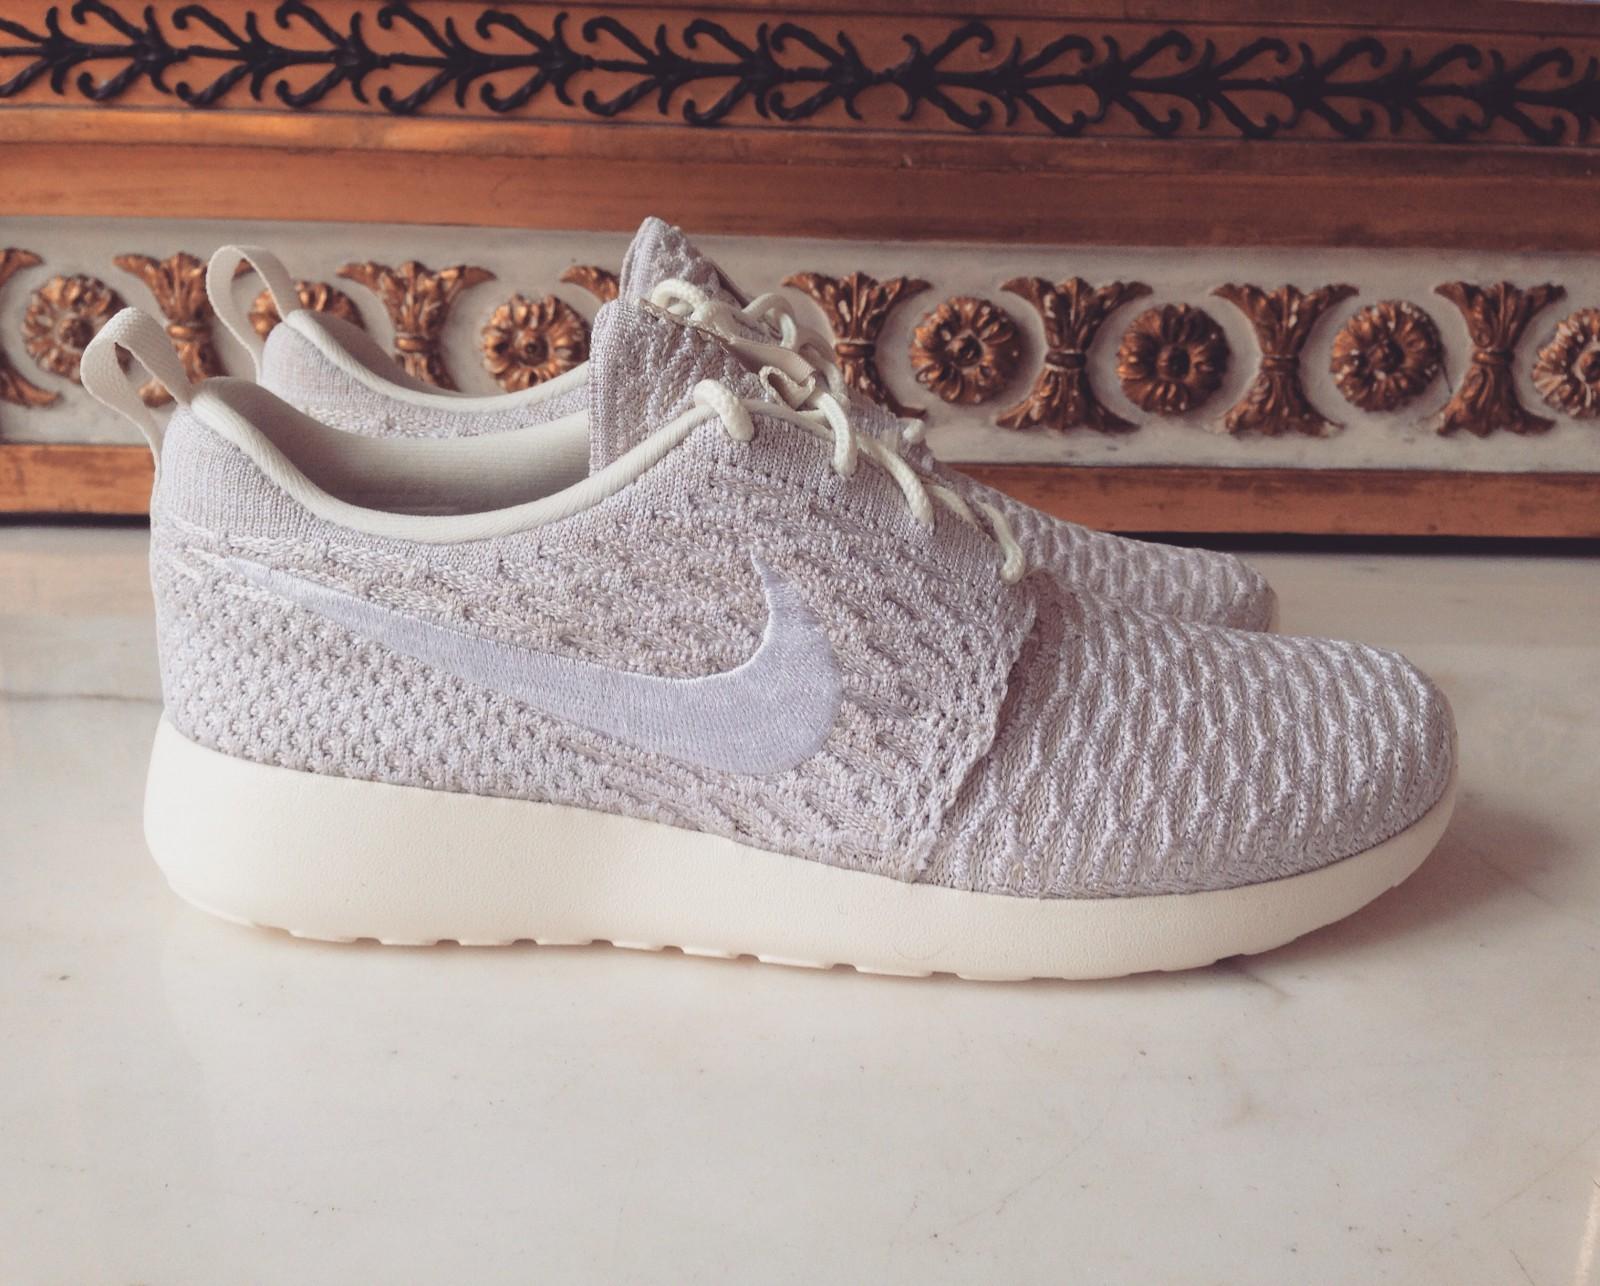 nike flyknit roshe run sneakers white